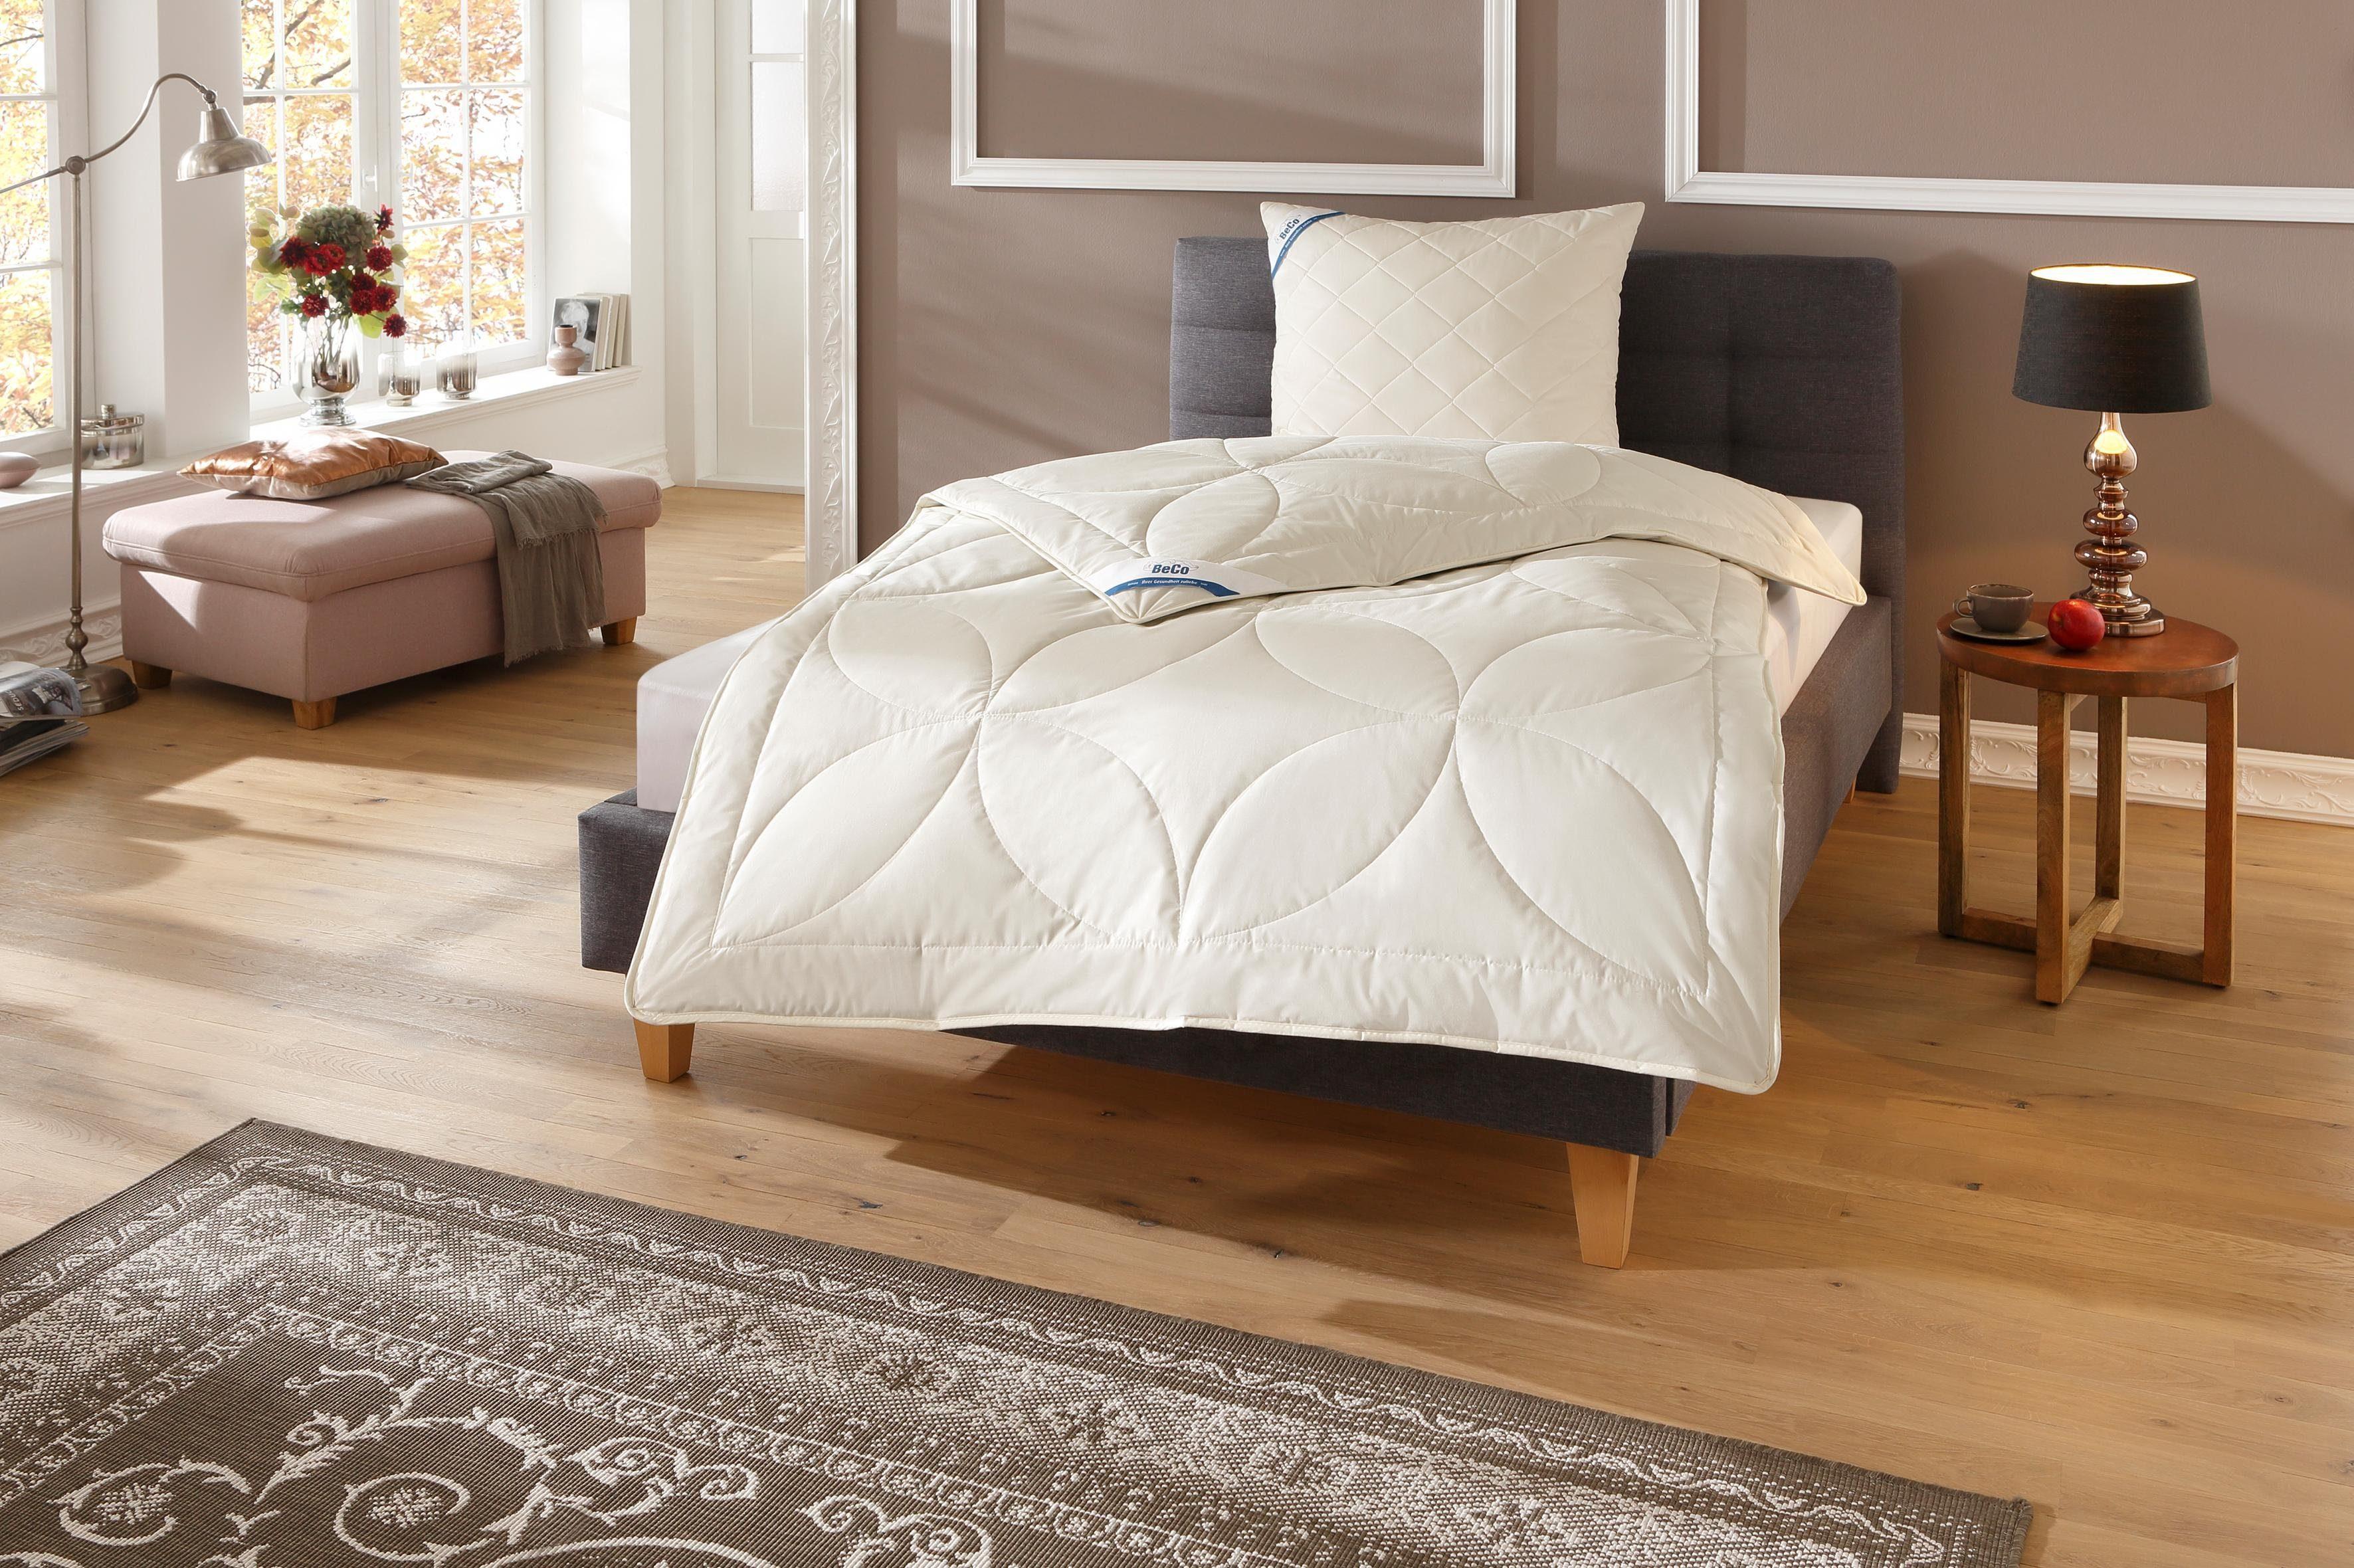 Bettdeckenset, »BeCo Kamelhaar«, Beco, Warm - natürliches Bettklima und waschbar bis 30°